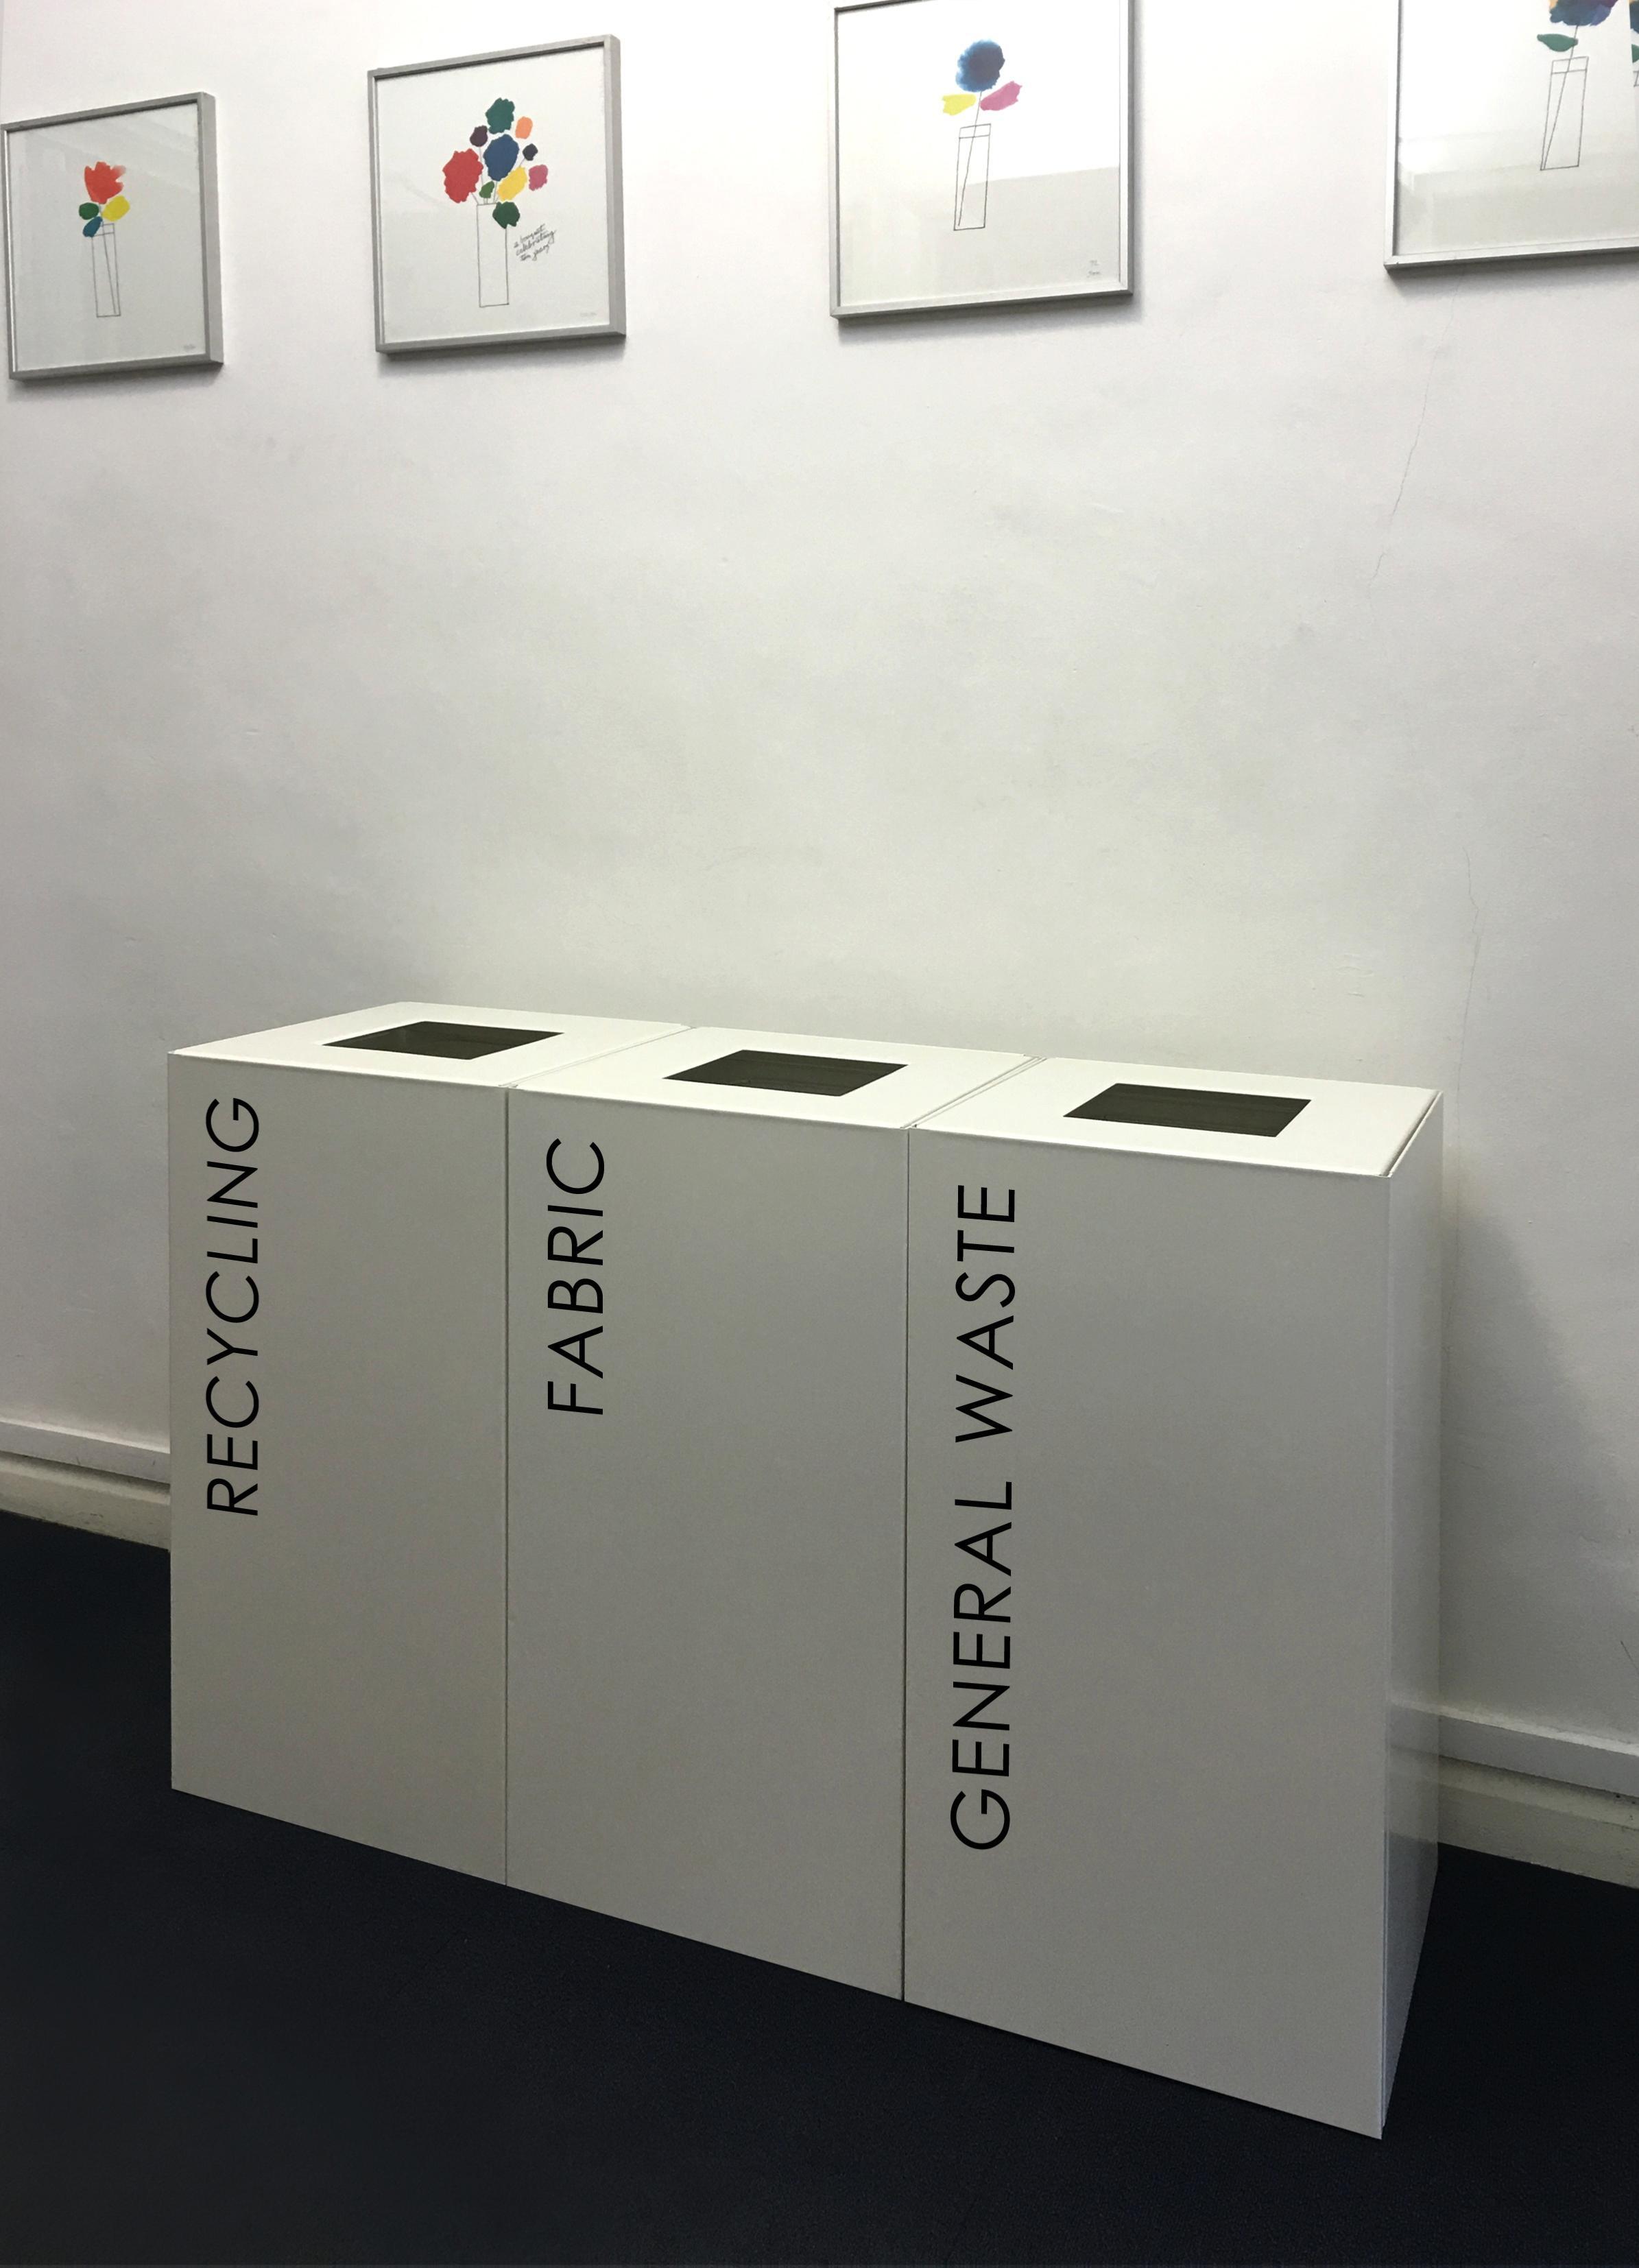 Office Recycling Bins Office Bin Recycling Bins